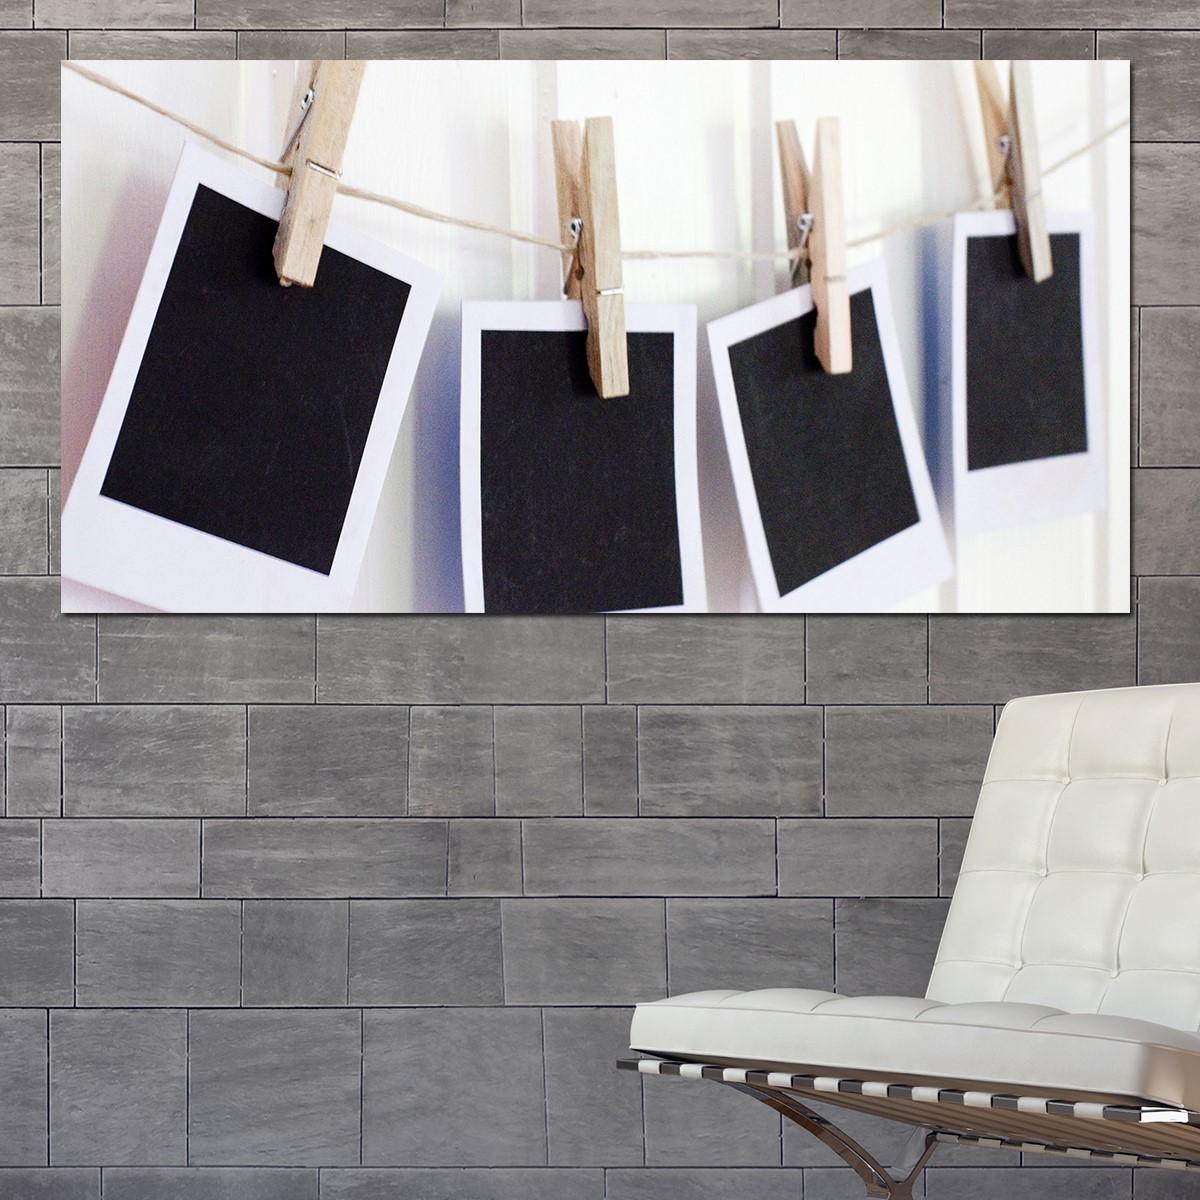 papier peint magn tique sticker papier peint magn tique polaroid ambiance. Black Bedroom Furniture Sets. Home Design Ideas